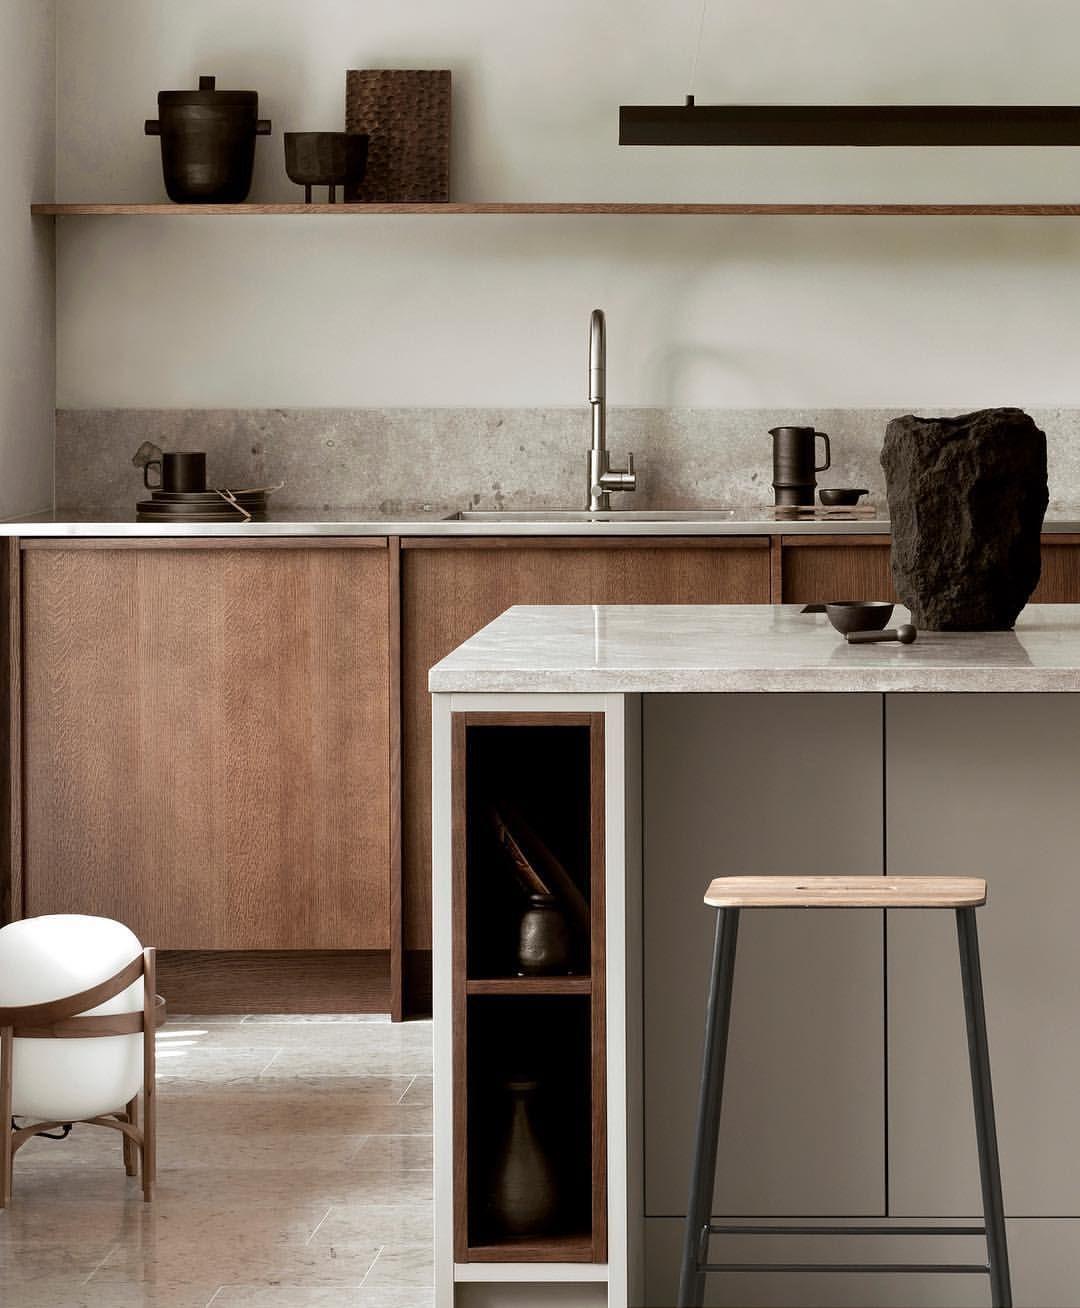 Minimalist Kitchen Decor: Minimalist Kitchen Interiors